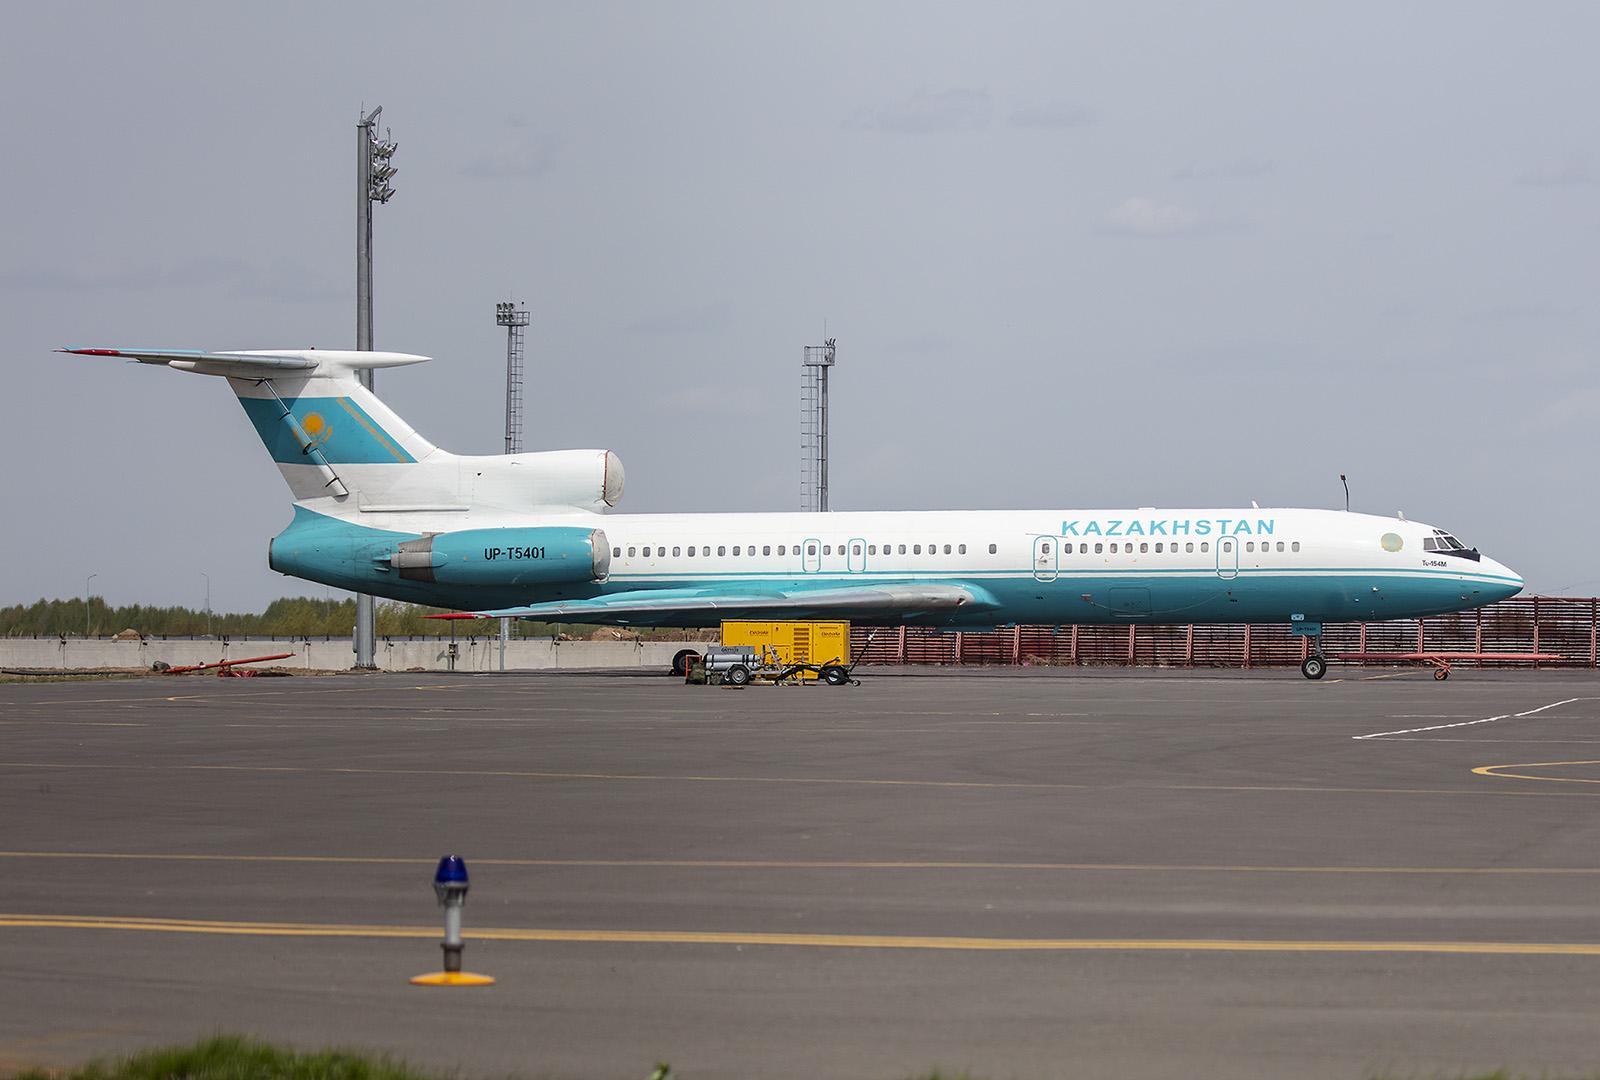 Schön eine aktive Tupulev Tu-154 zu sehen.